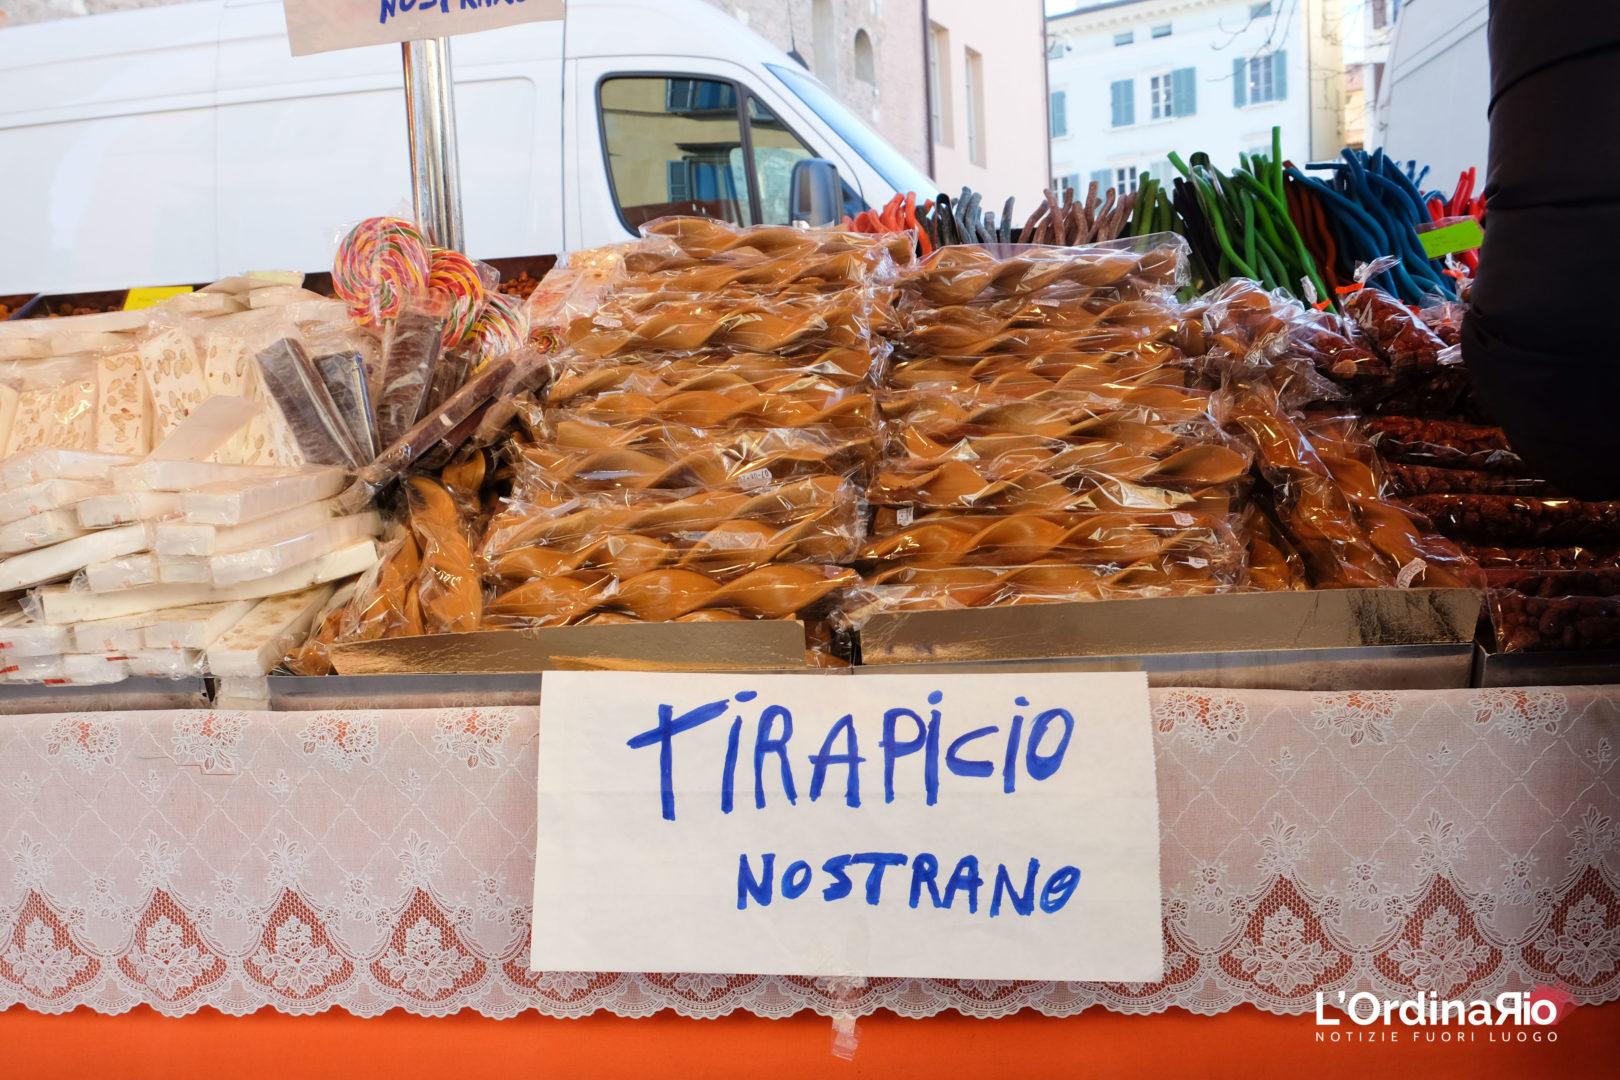 Brescia festeggia i Ss. Faustino e Giovita, un viaggio tra i riti sacri e il Tirapicio.